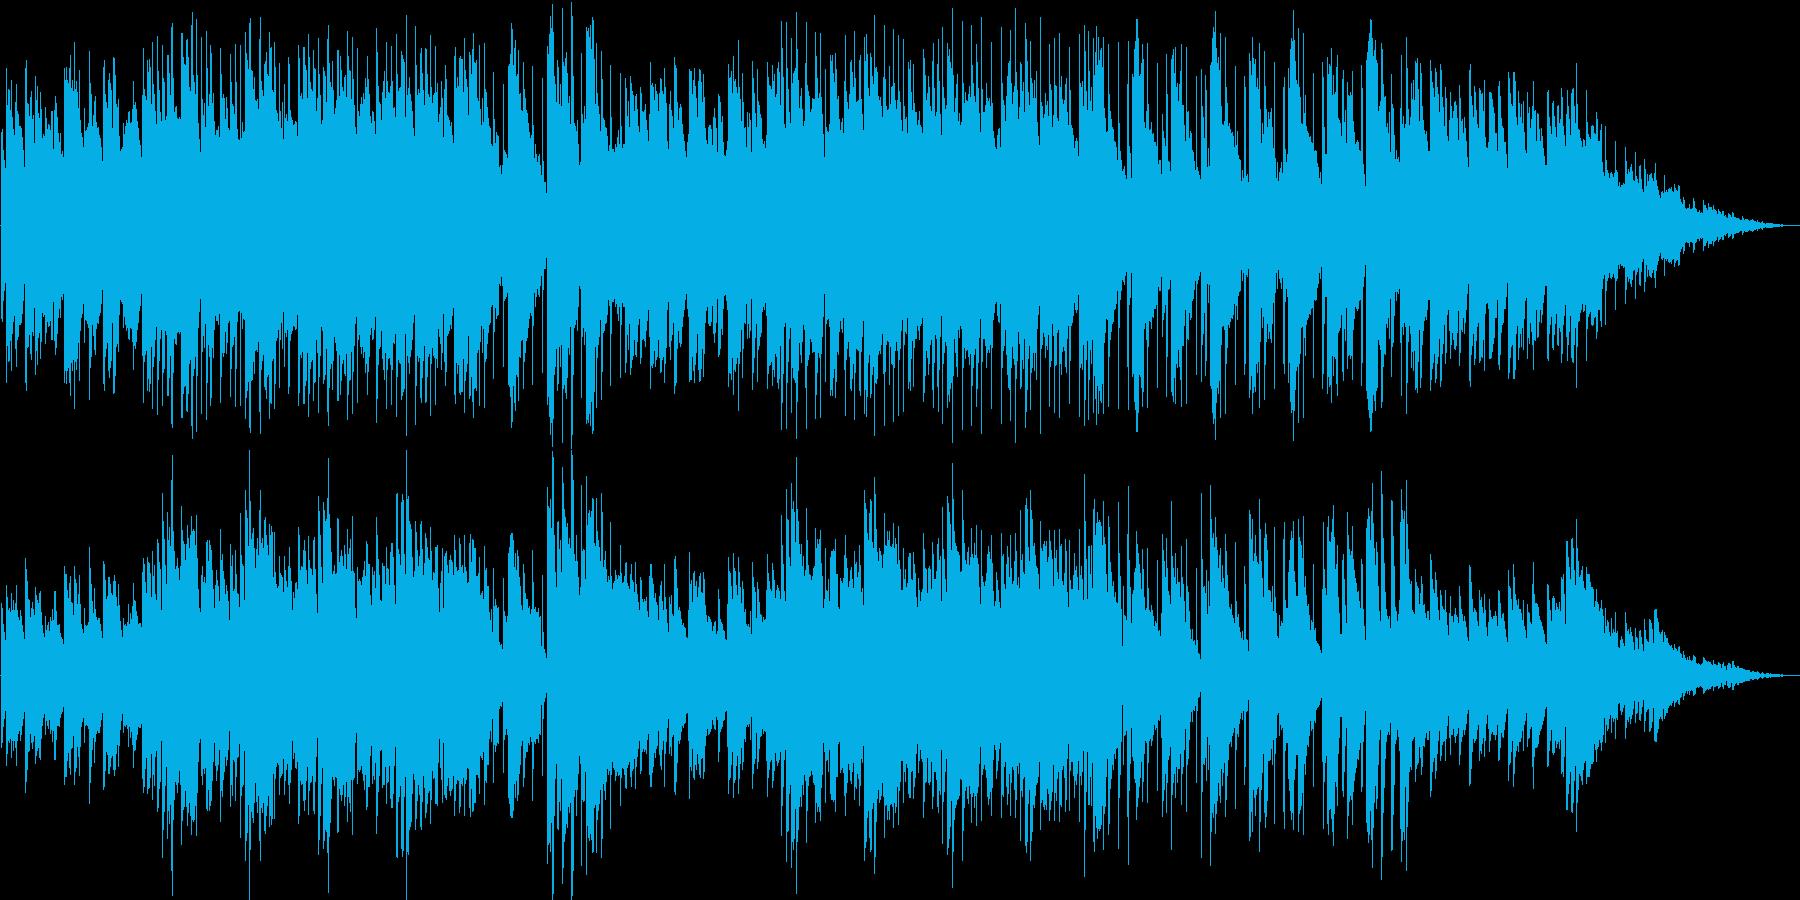 短いですが明るい感じで作りましたの再生済みの波形